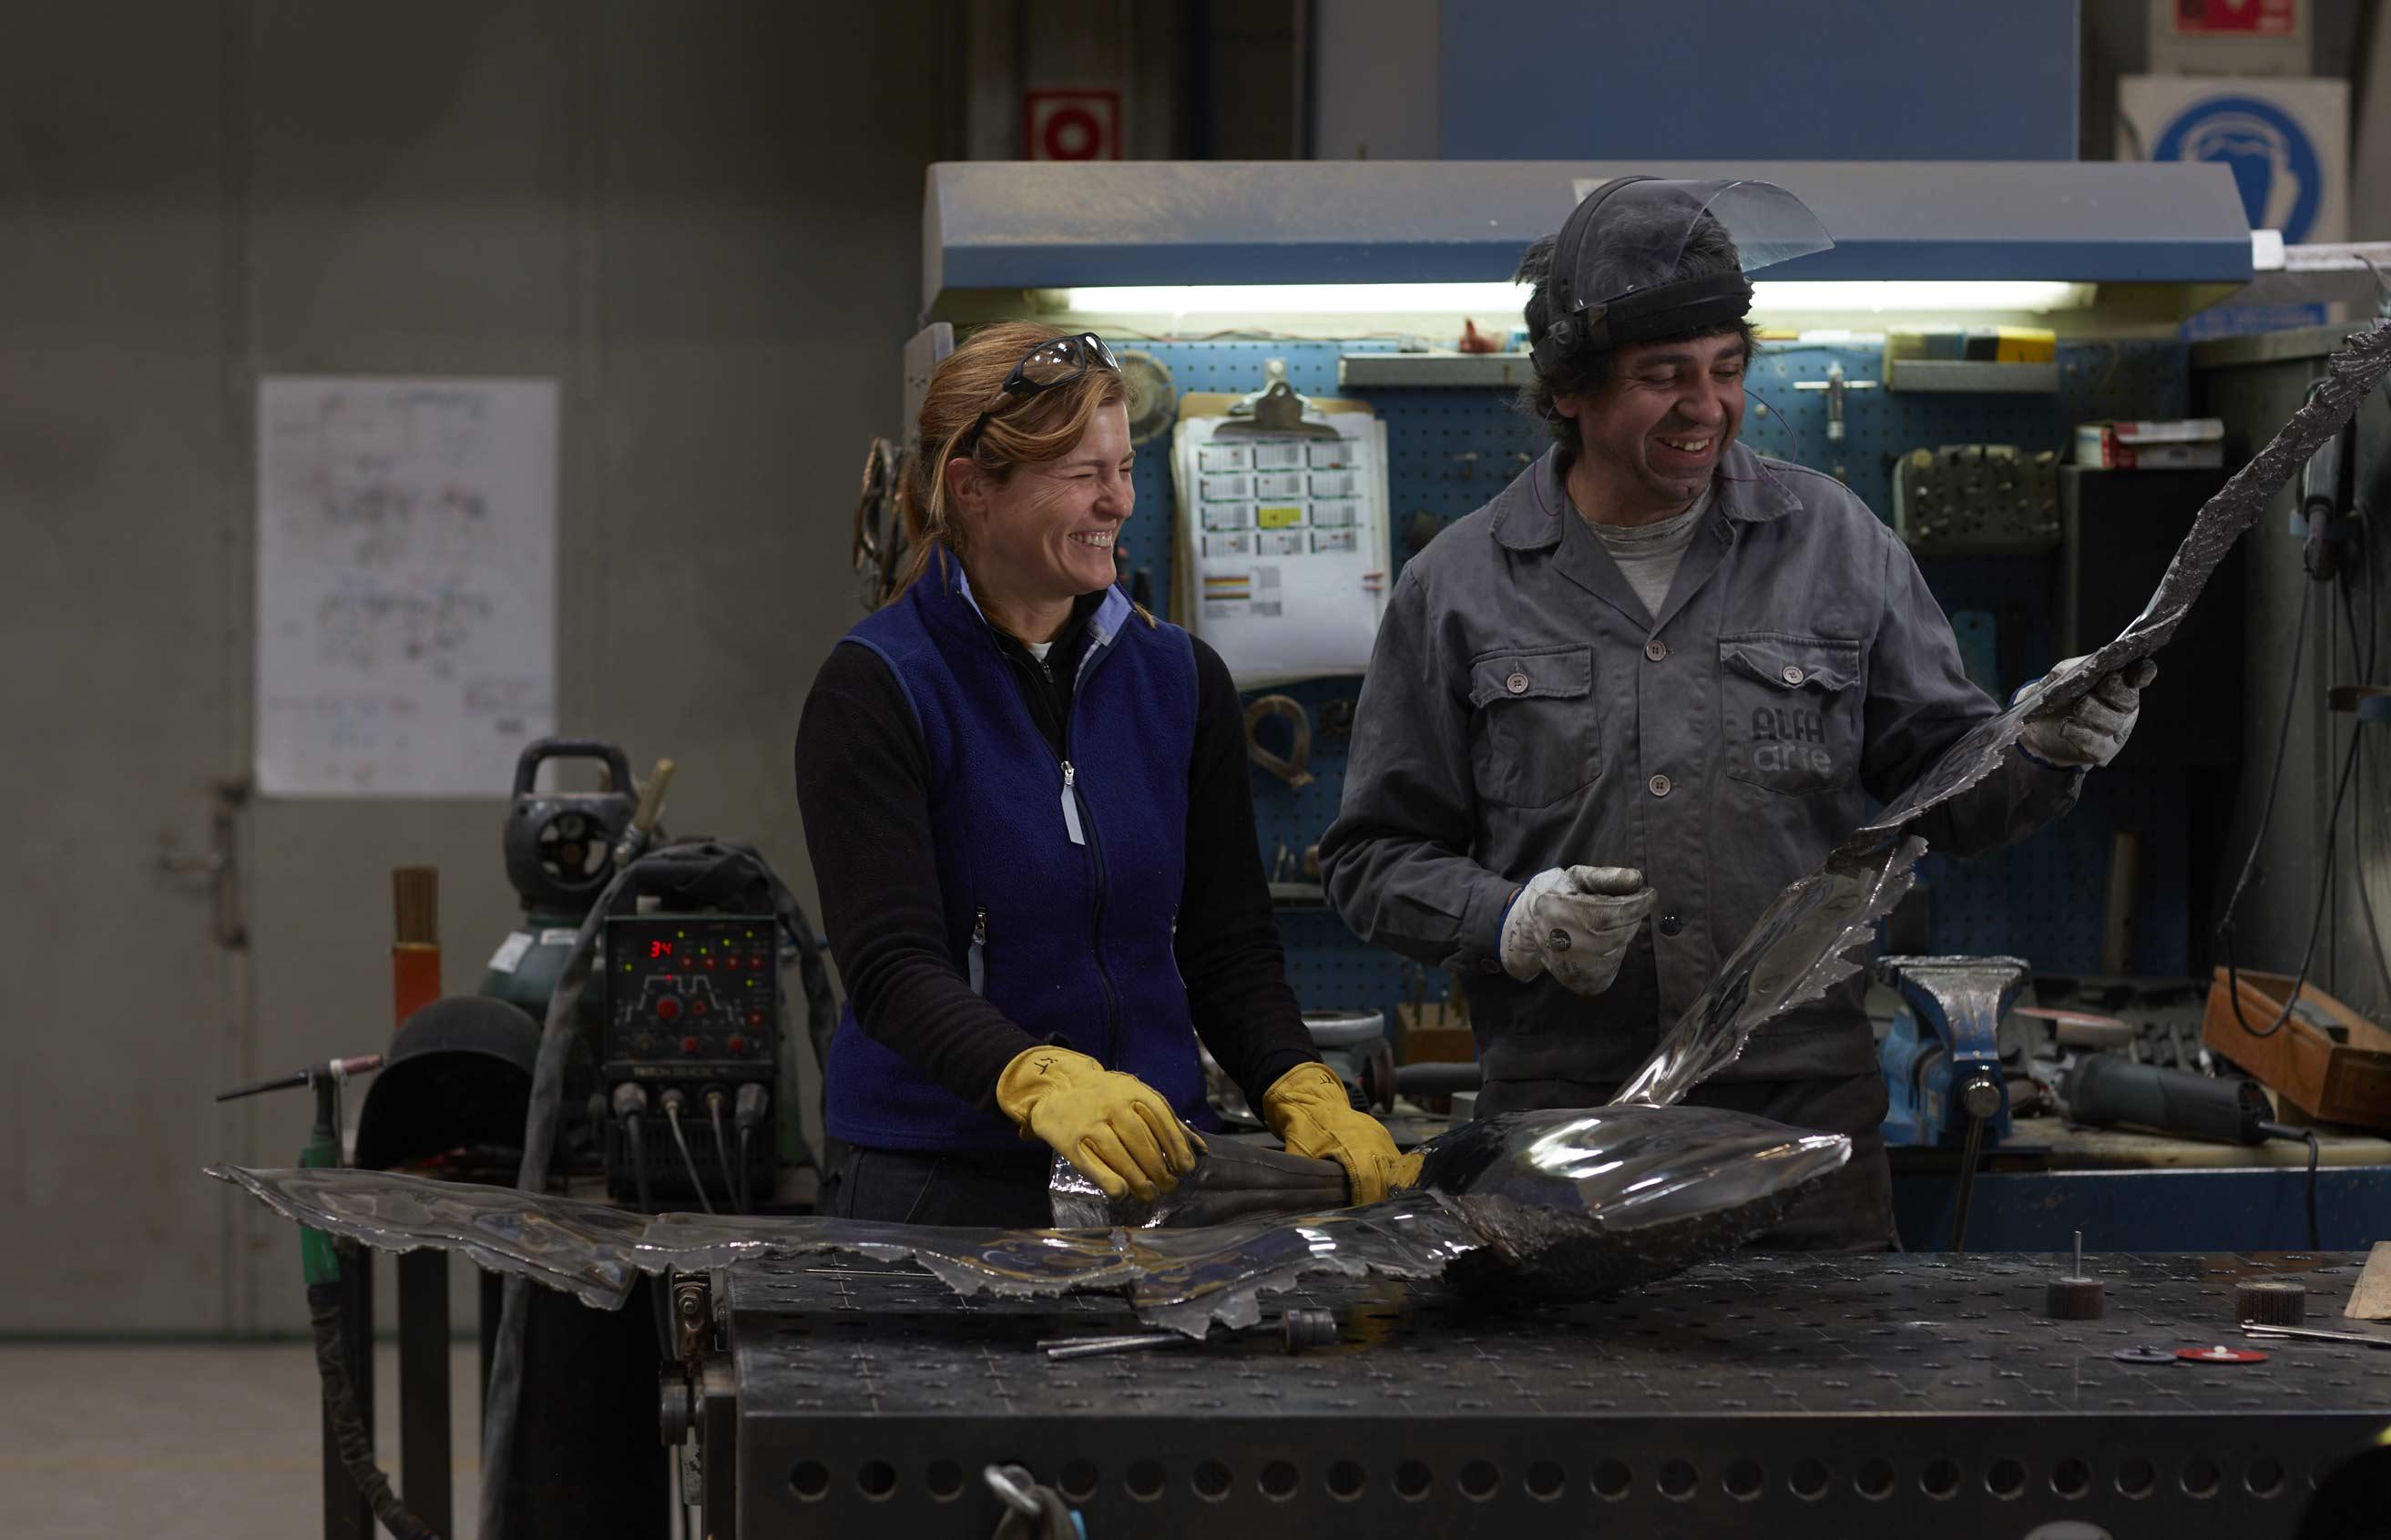 Katherine Taylor trabajando en Alfa Arte. Proyecto escultórico: #PelicansFlyTogether, en acero inoxidable, instalada en St. Paul´s School, Concord, NH. USA